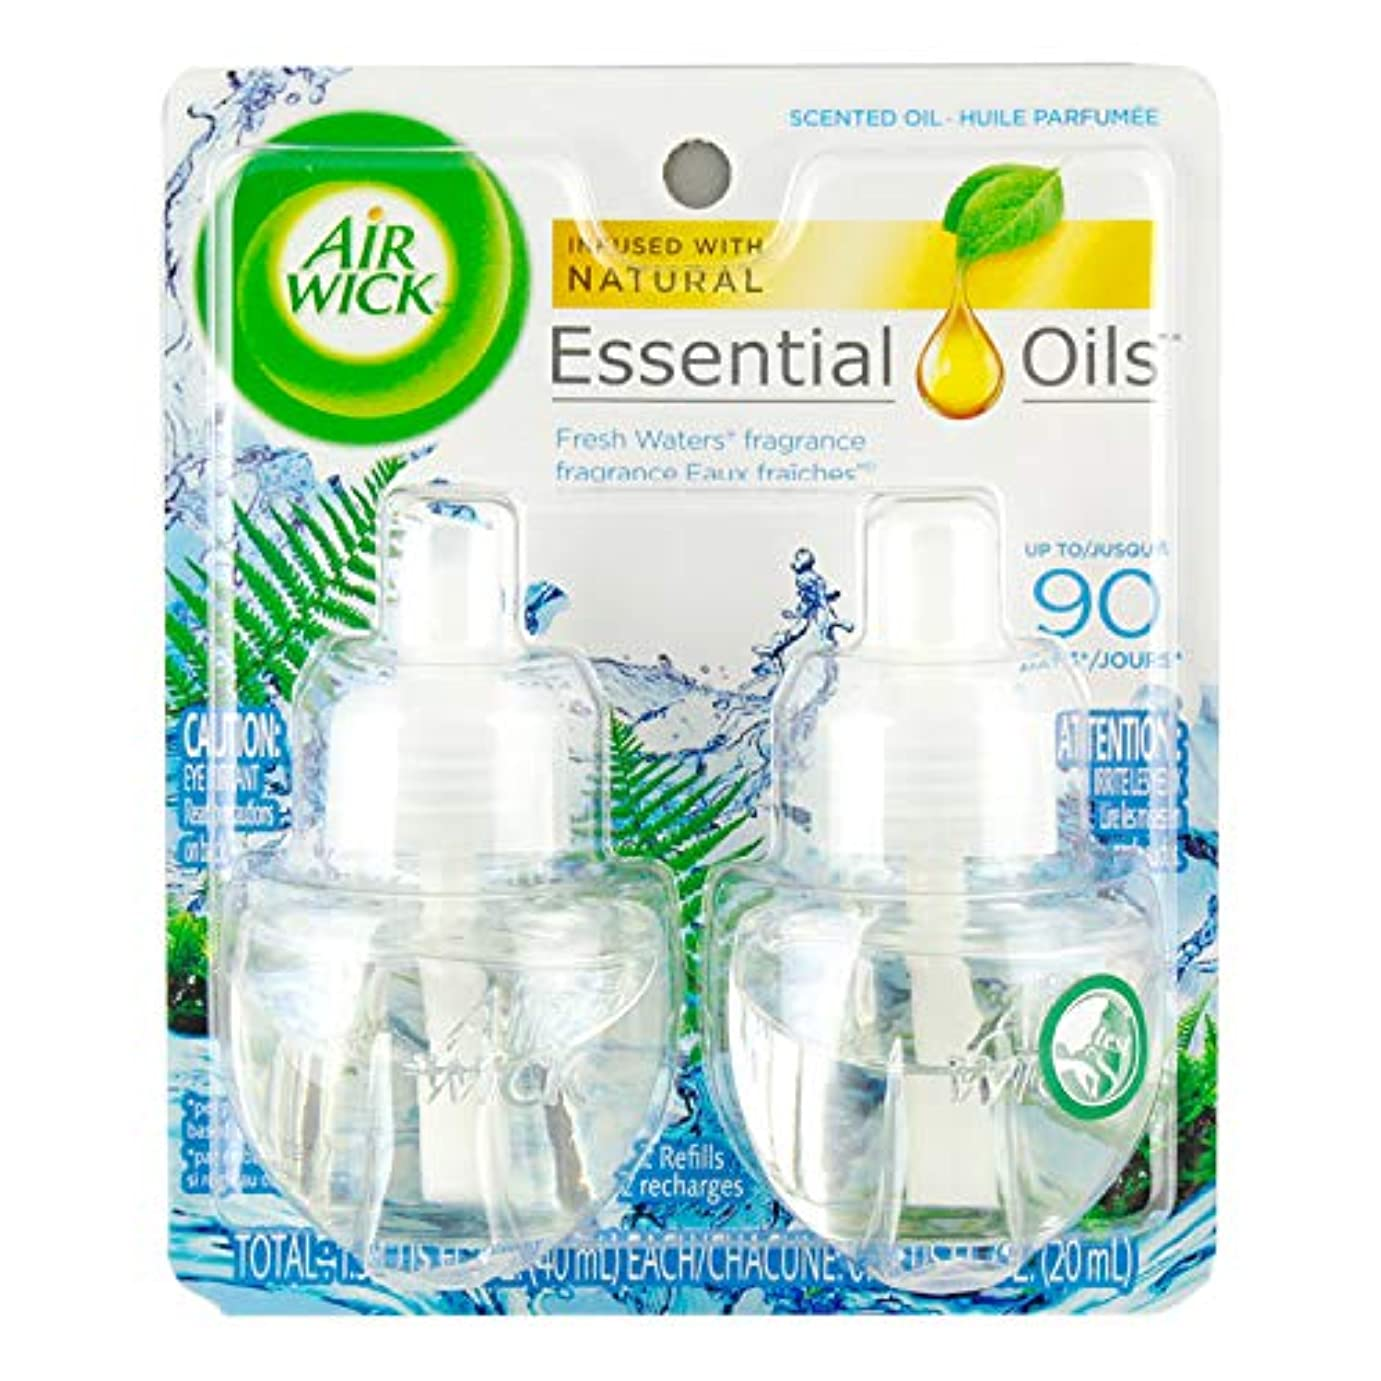 堀作詞家矢【Air Wick/エアーウィック】 プラグインオイル詰替えリフィル(2個入り) フレッシュウォーター Air Wick Scented Oil Twin Refill Fresh Waters (2X.67) Oz. [並行輸入品]